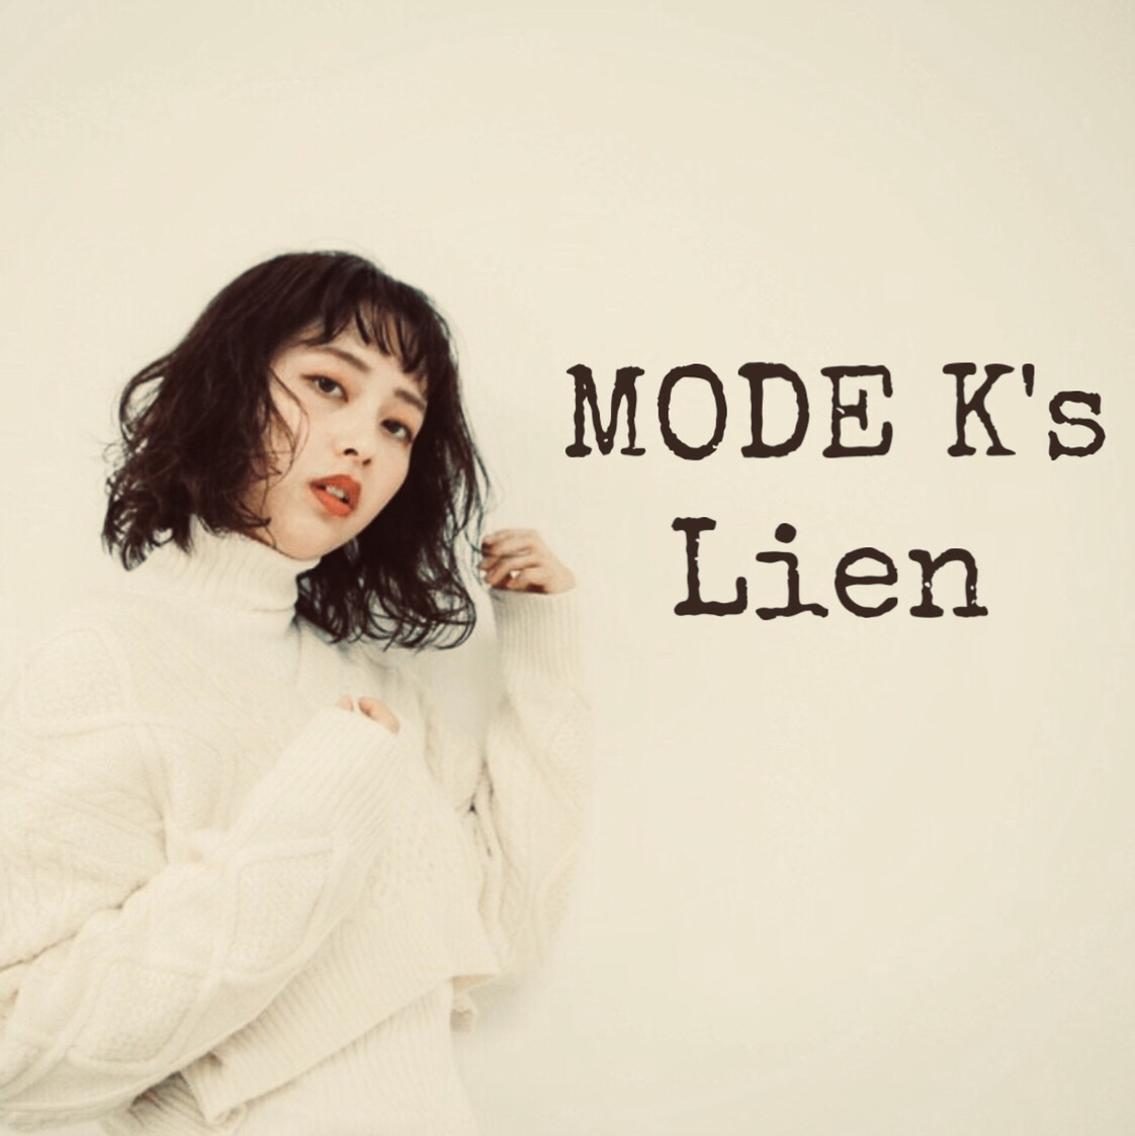 MODE K's Lien 店Eye salonSylph所属・黒川司の掲載